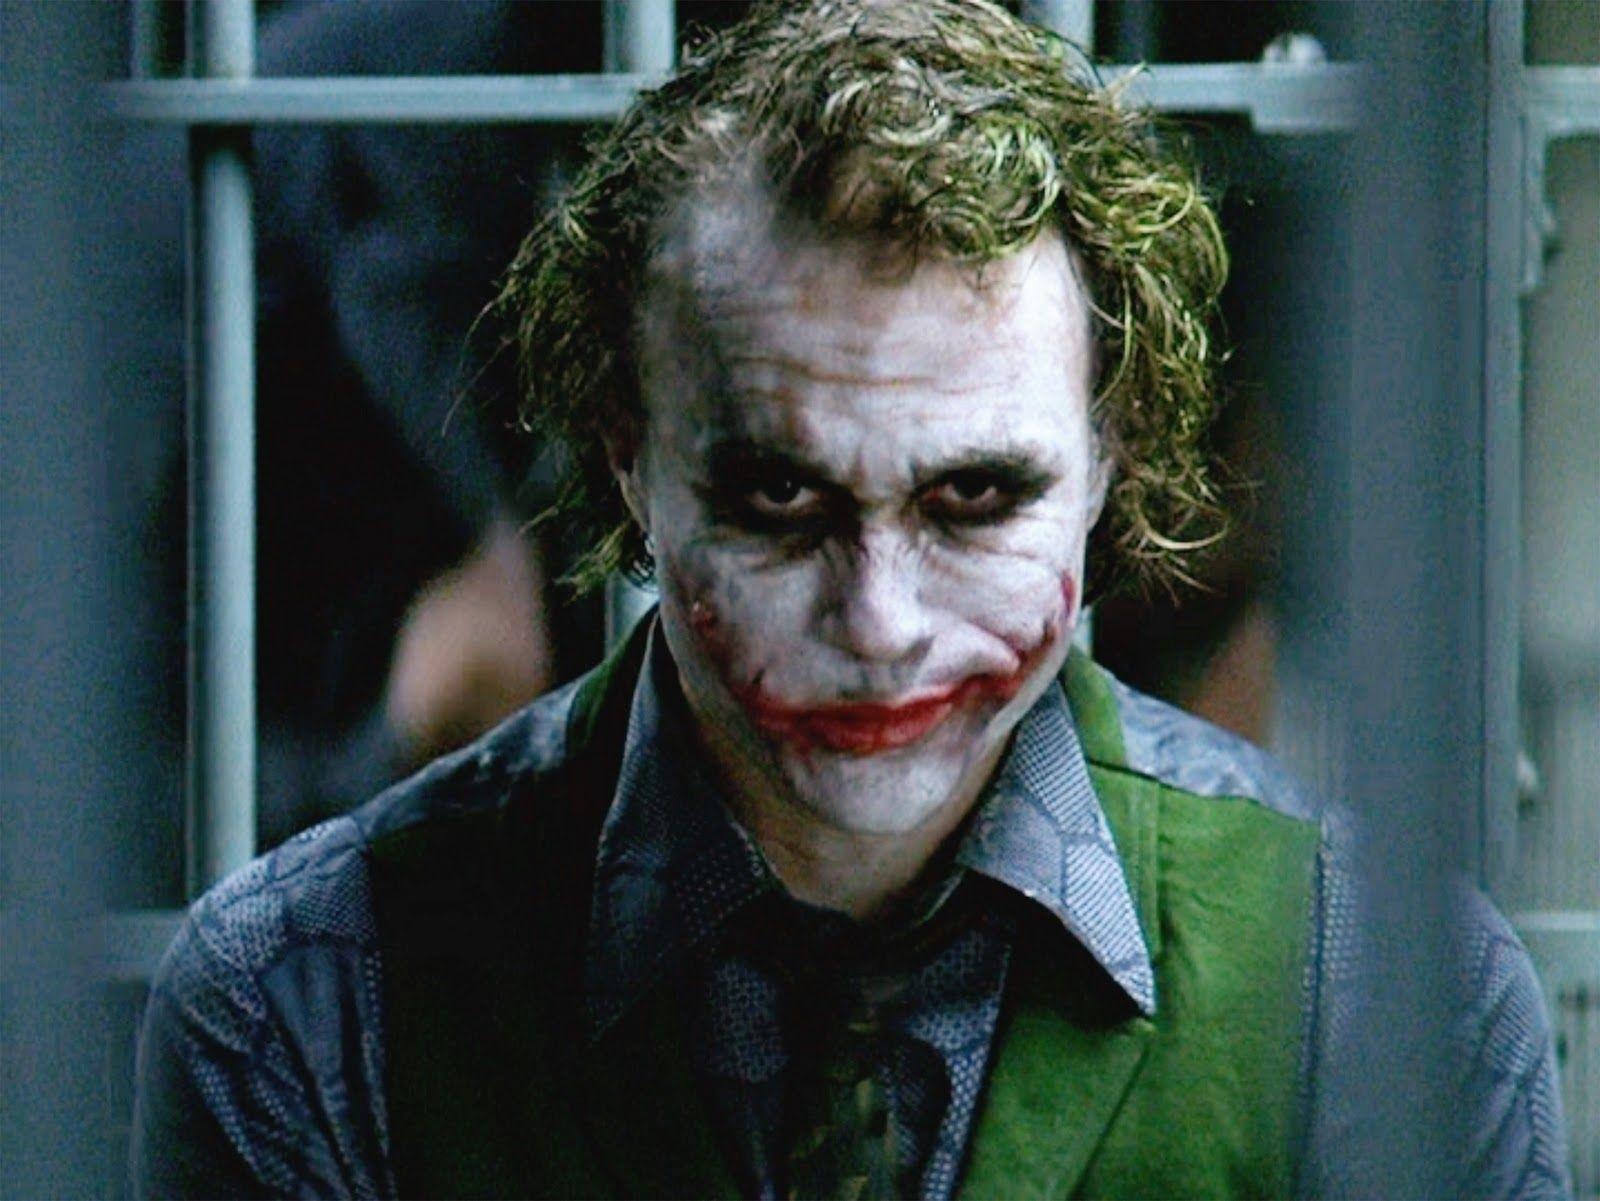 10 New Heath Ledger Joker Pic FULL HD 1080p For PC Desktop